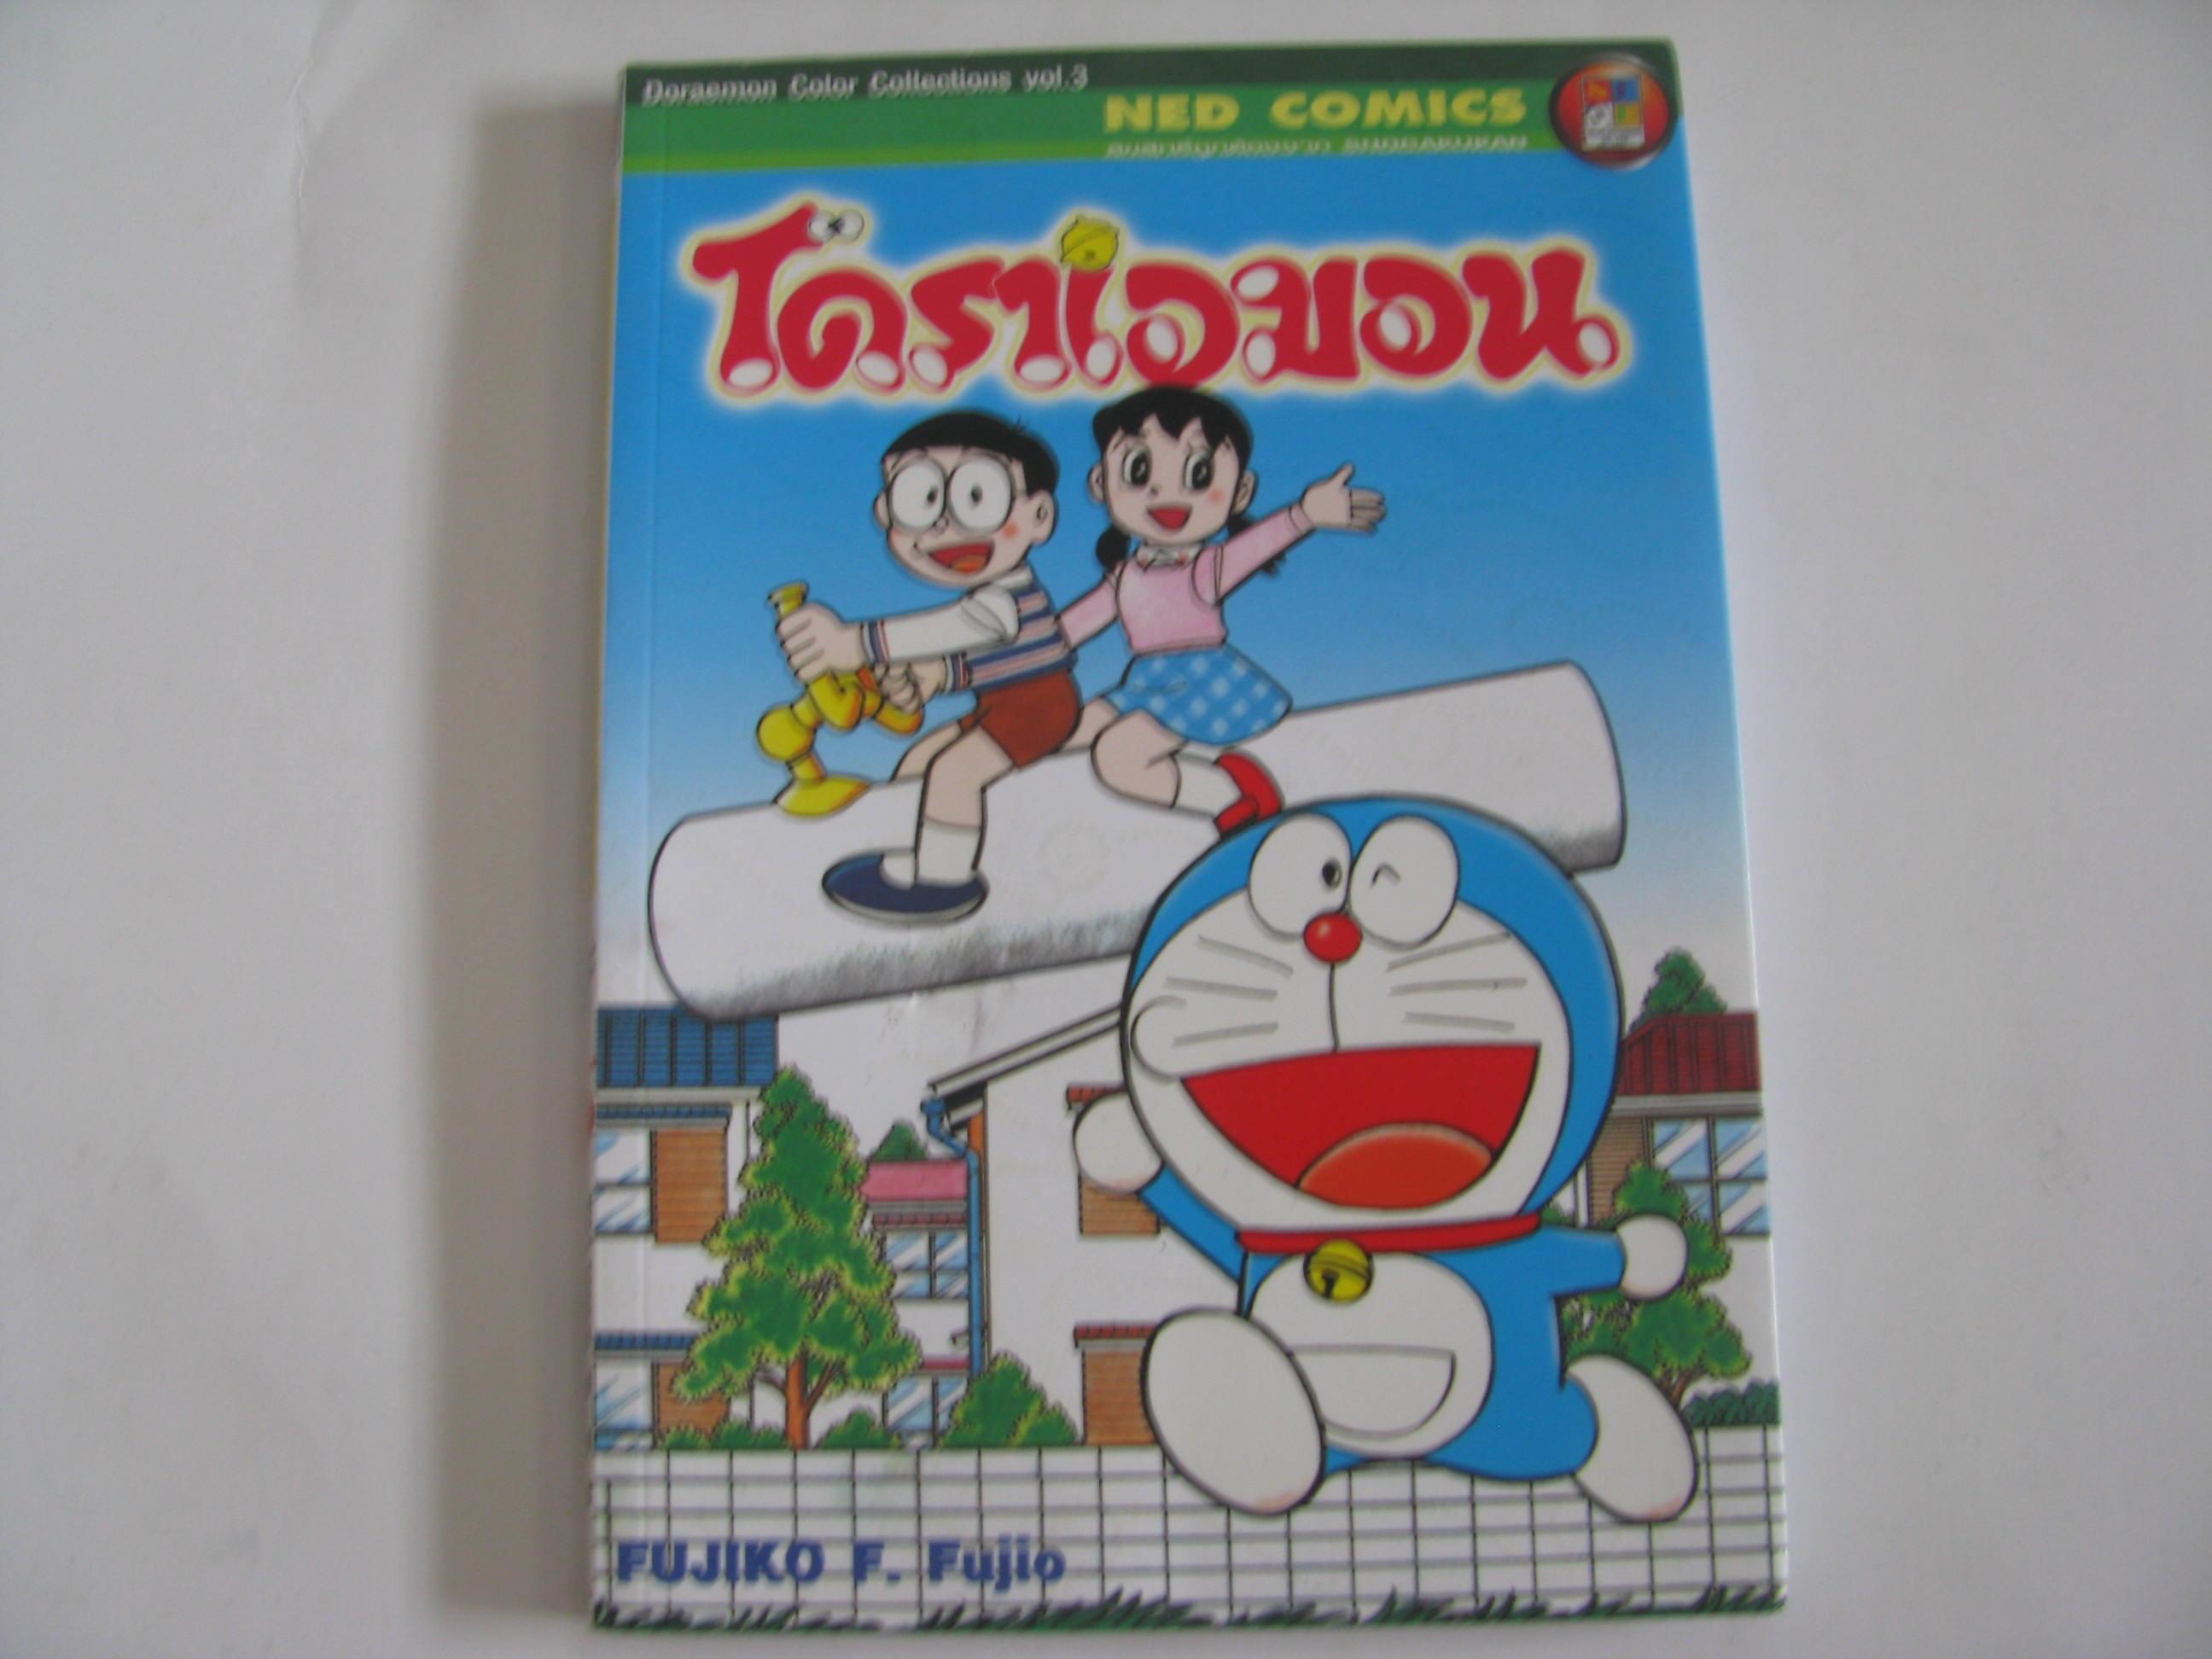 โดราเอมอน Doraemon Color Collections Volume 3 (ภาพสี่สีทั้งเล่ม) Fujiko F. Fujio เขียน***สินค้าหมด***